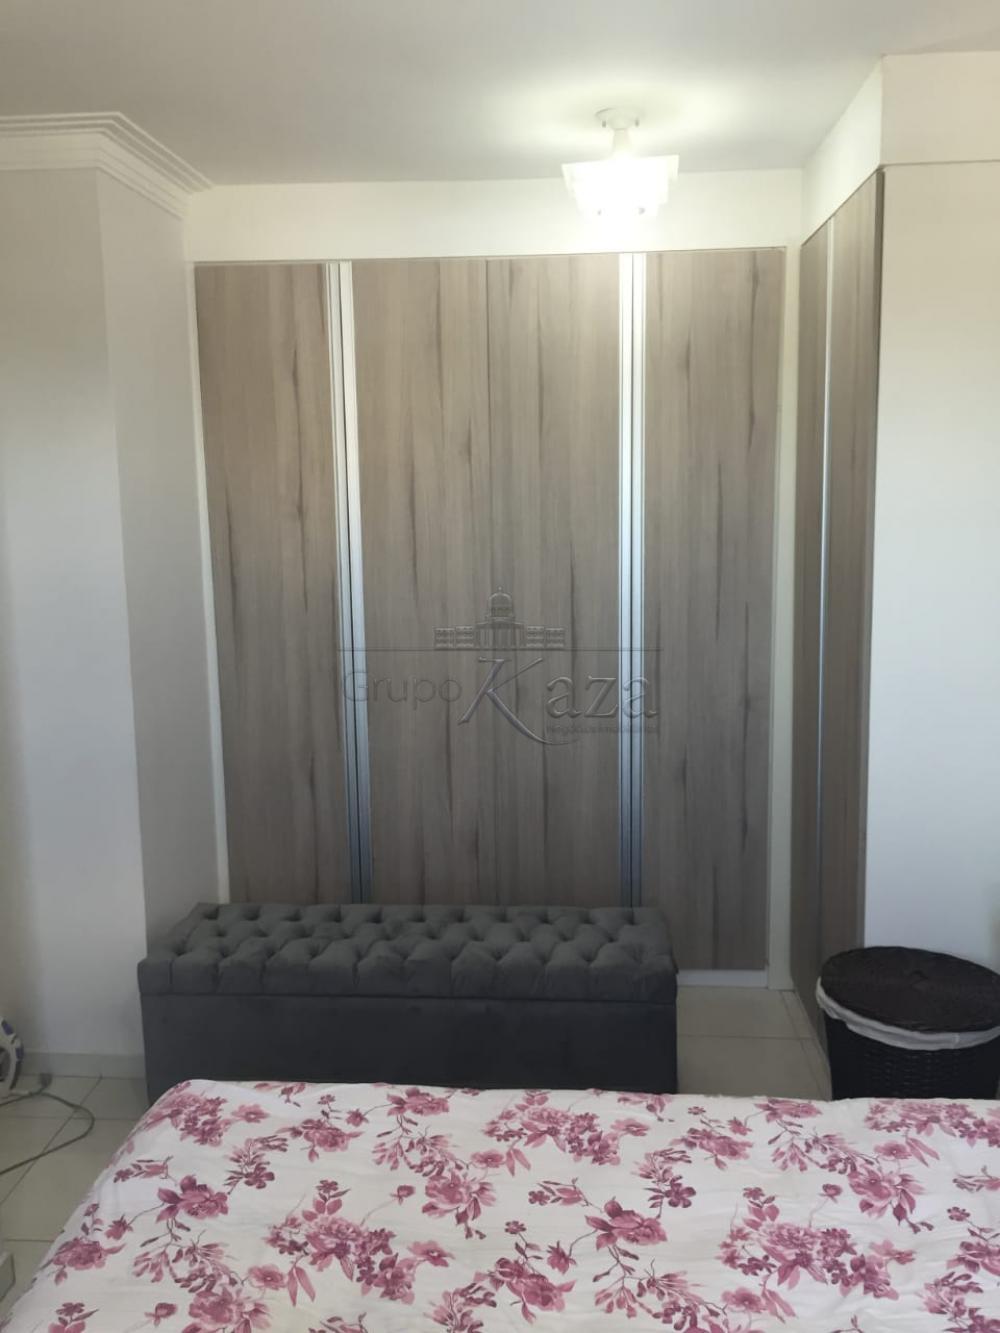 Comprar Apartamento / Padrão em São José dos Campos apenas R$ 372.000,00 - Foto 13